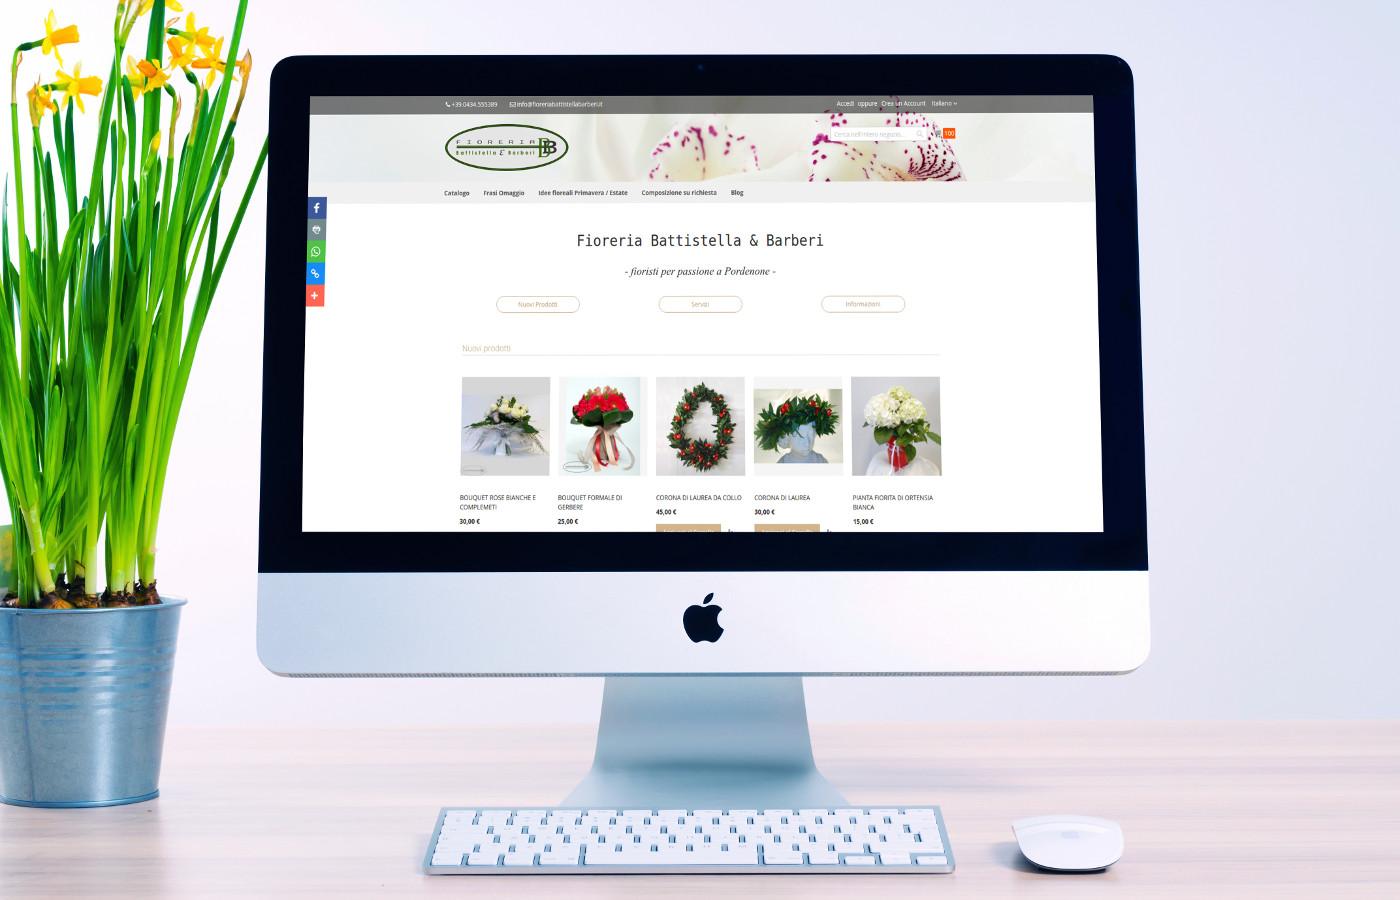 Fioreria Battistella & Barberi - Arriva il nuovo sito web